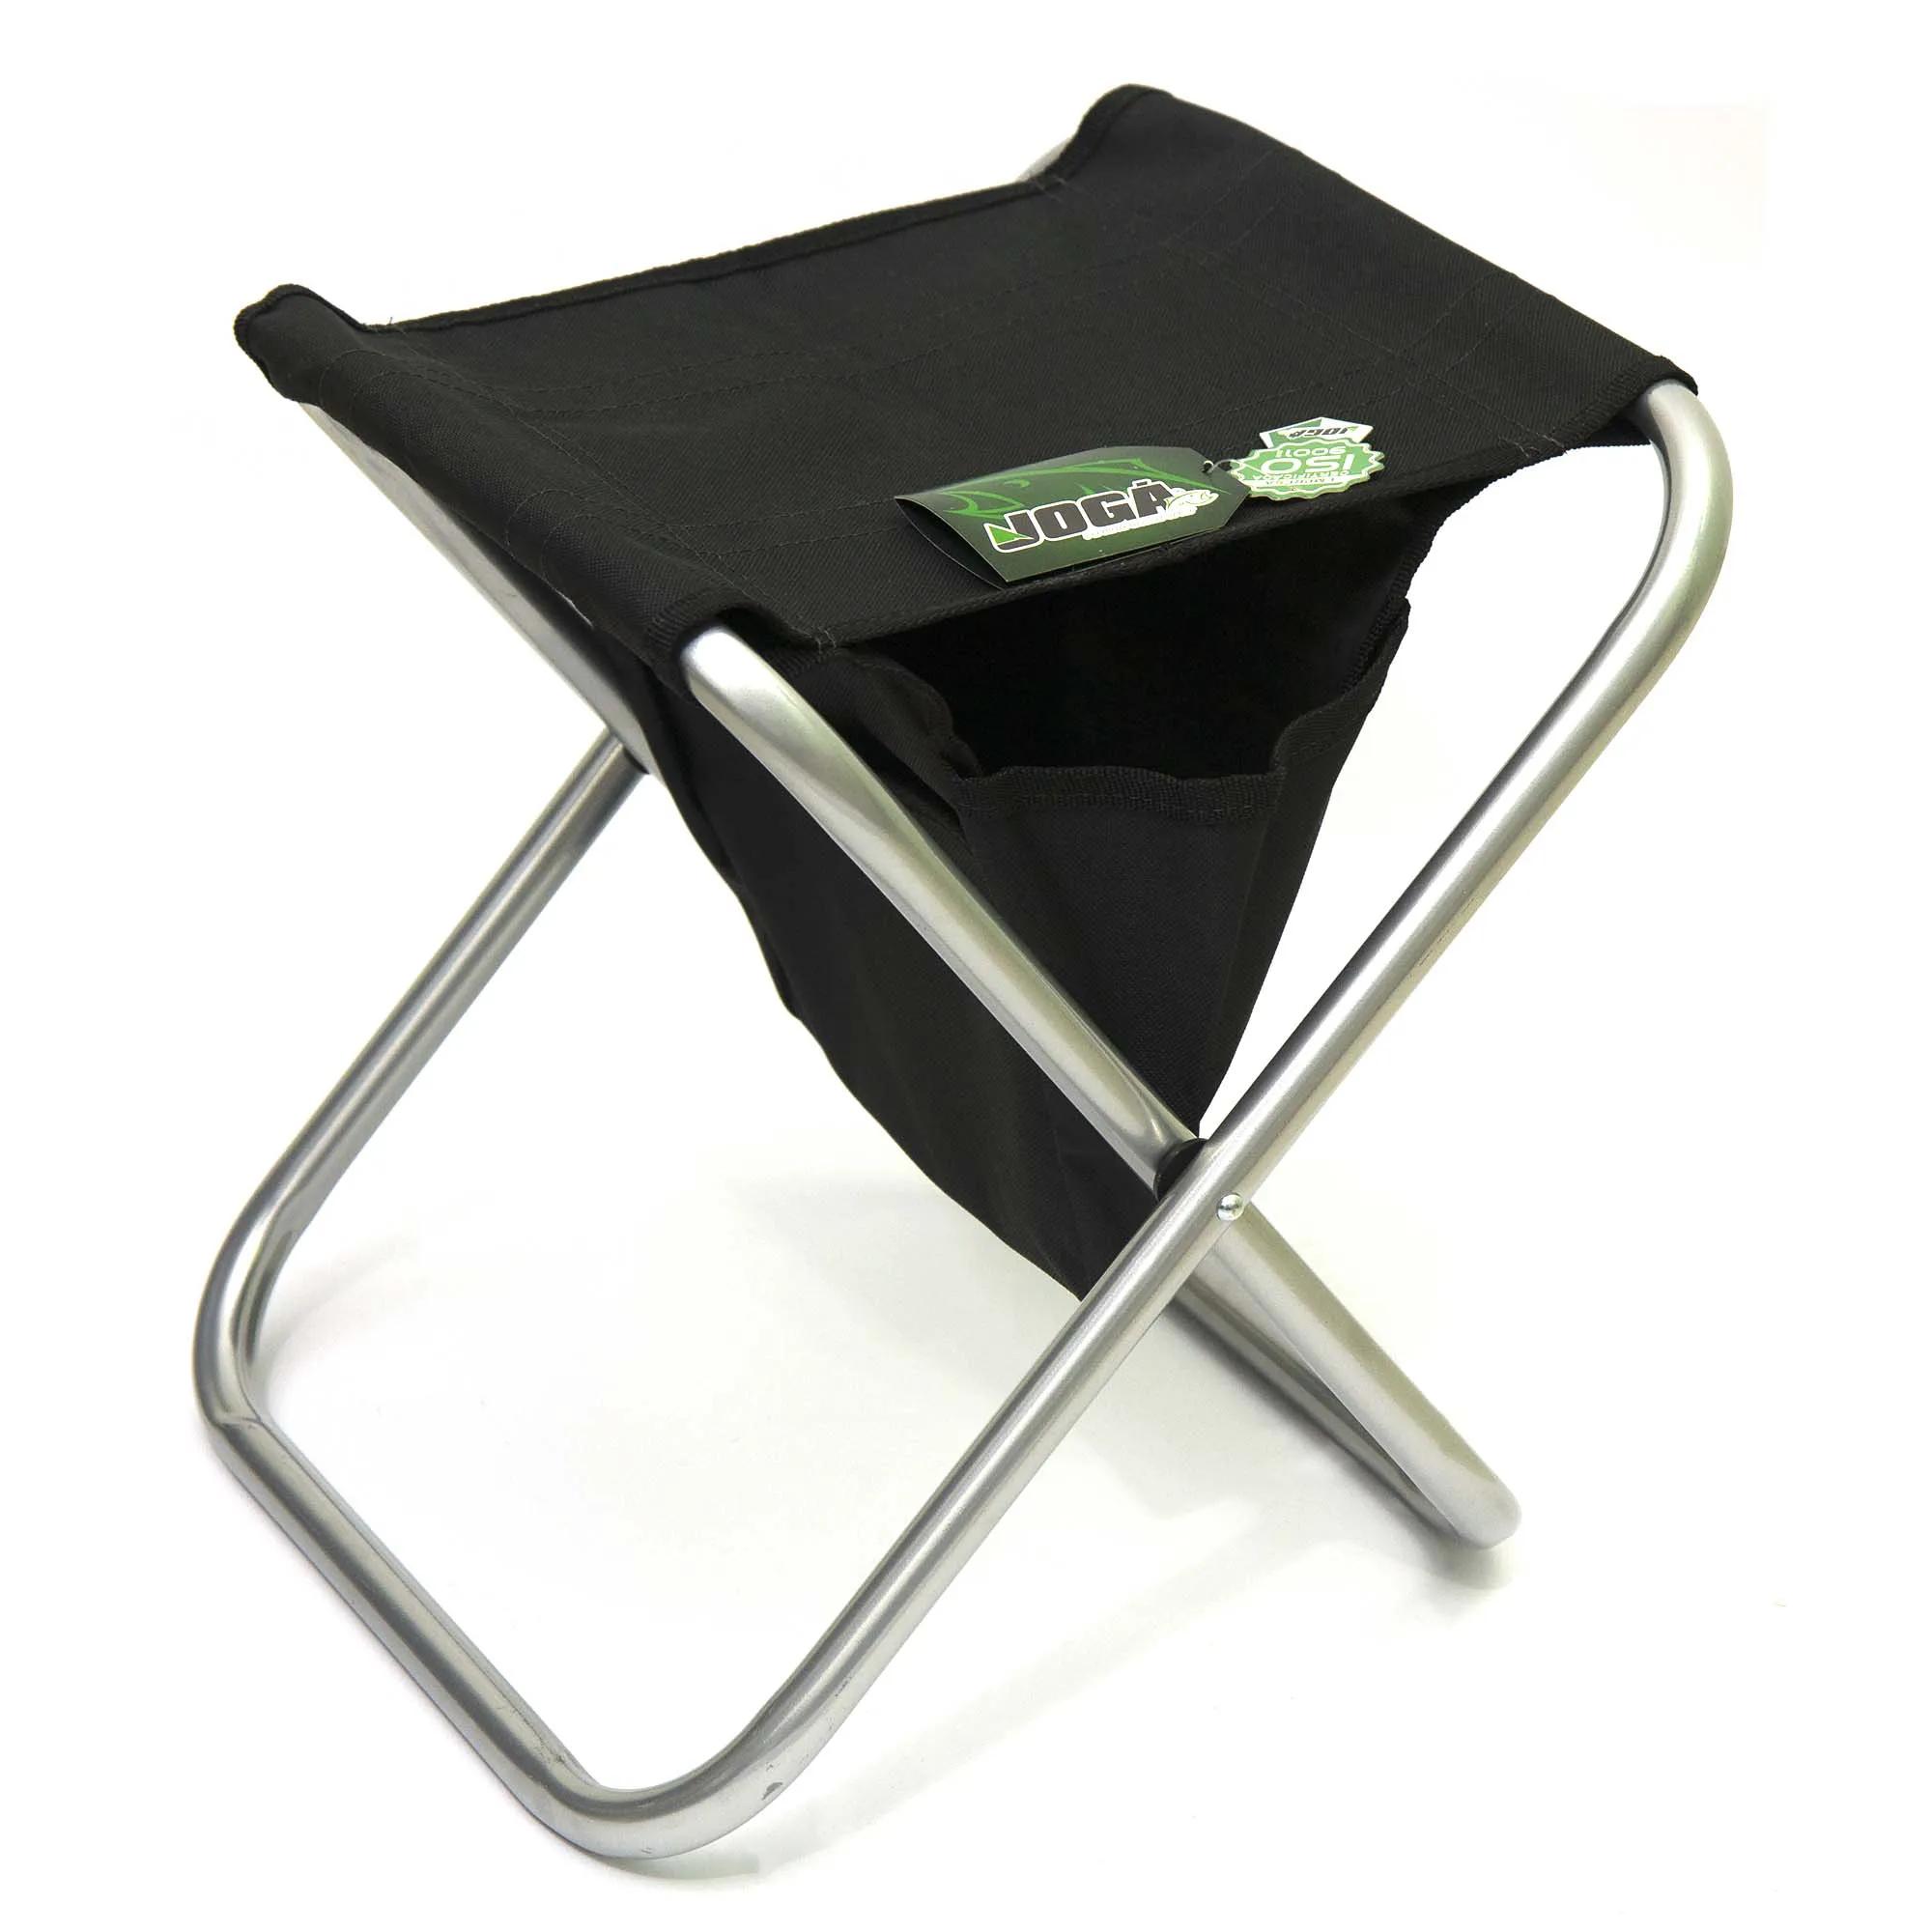 Cadeira dobrável Bolsa  - Artpesca